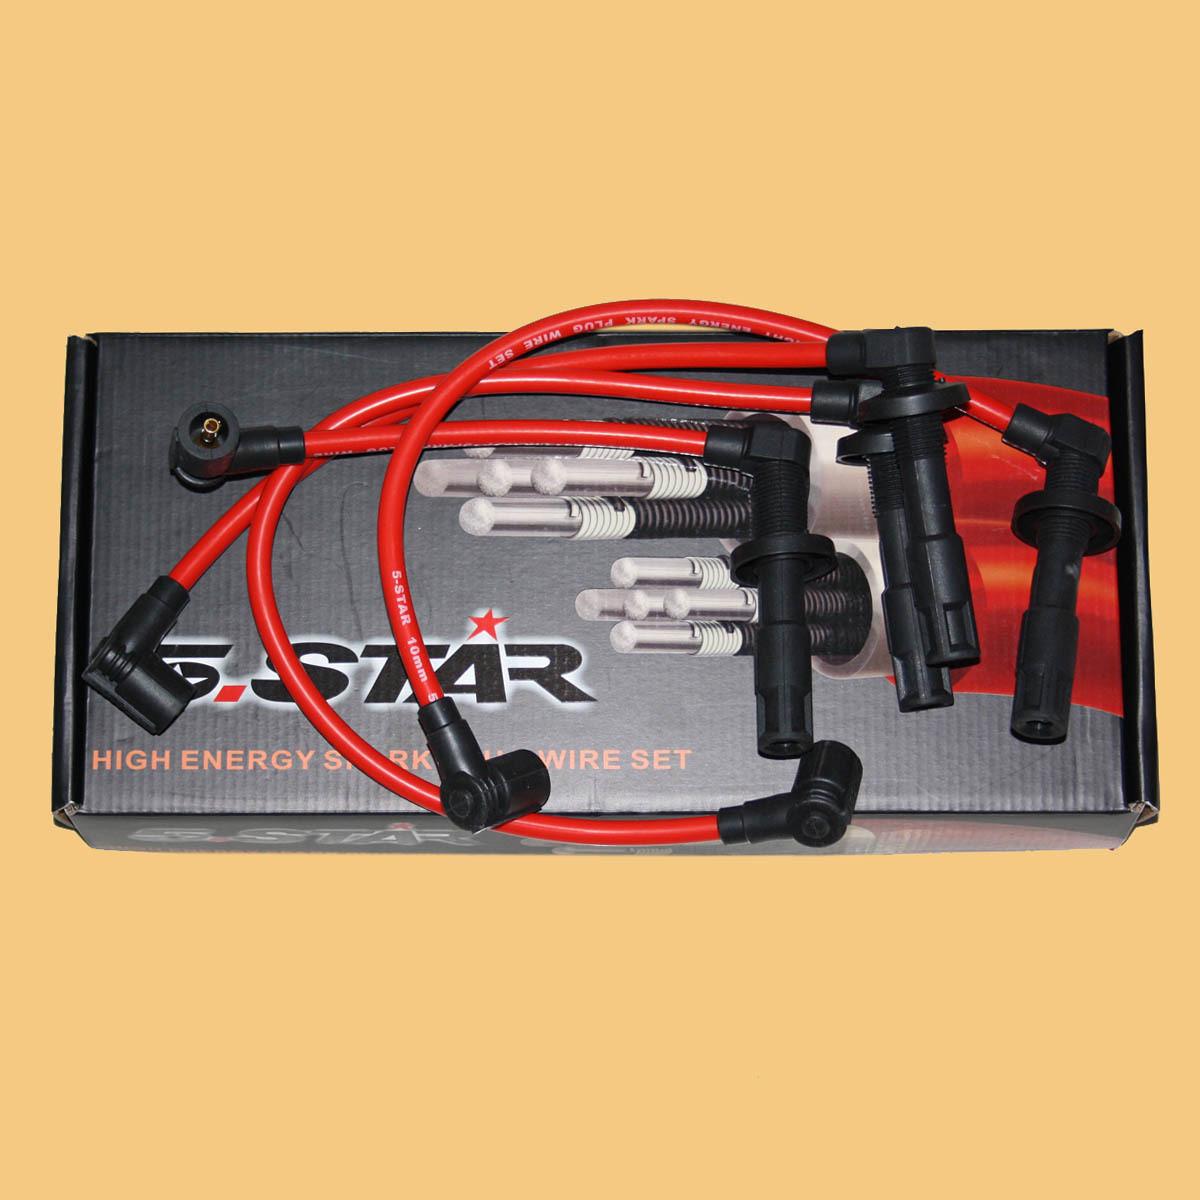 超力爽 奇瑞qq1.1(马瑞利技术) 5-star缸线点火线/高压线(五芯)